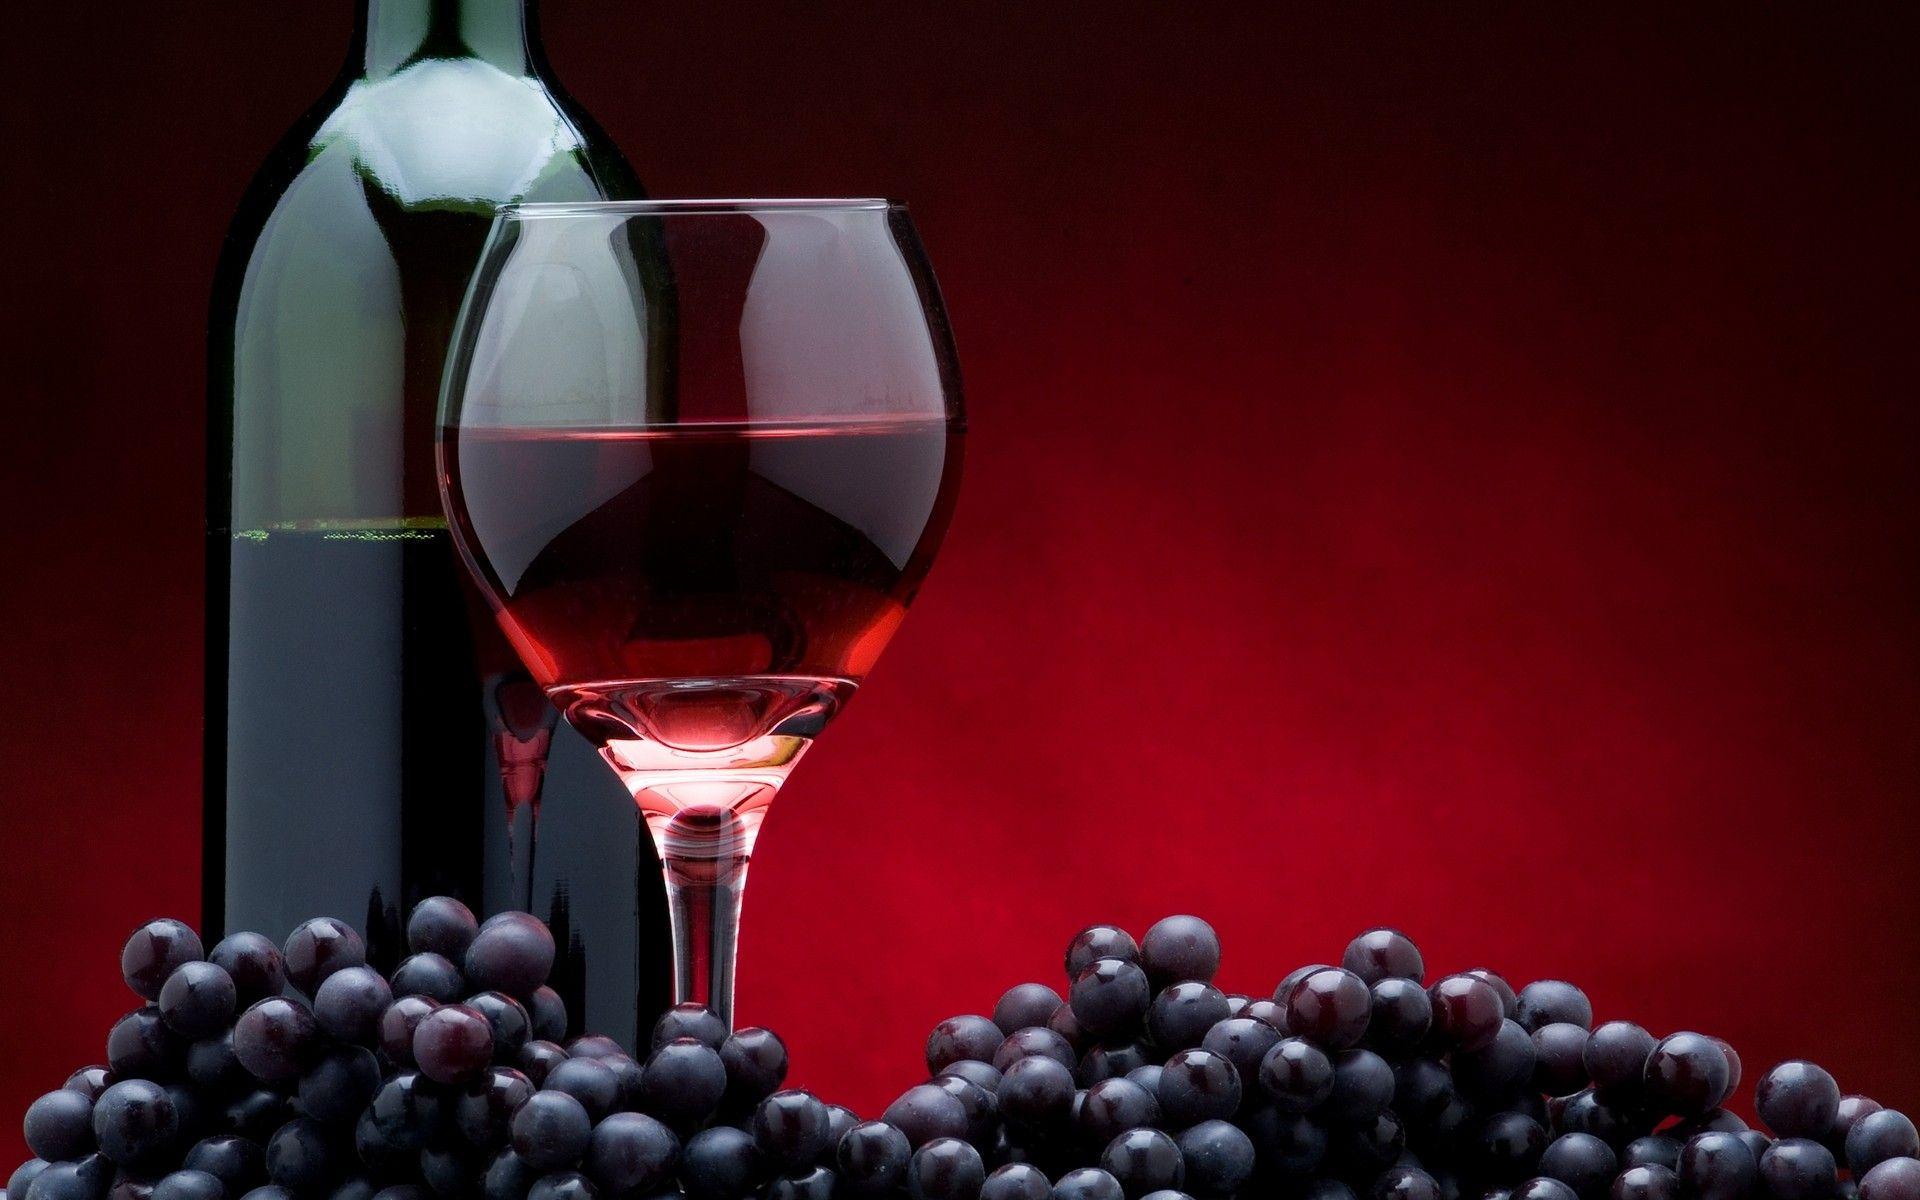 Food Wine Hd Widescreen Desktop Wallpaper Hd Wallpapers Source Red Wine Benefits Wine Wallpaper Red Wine